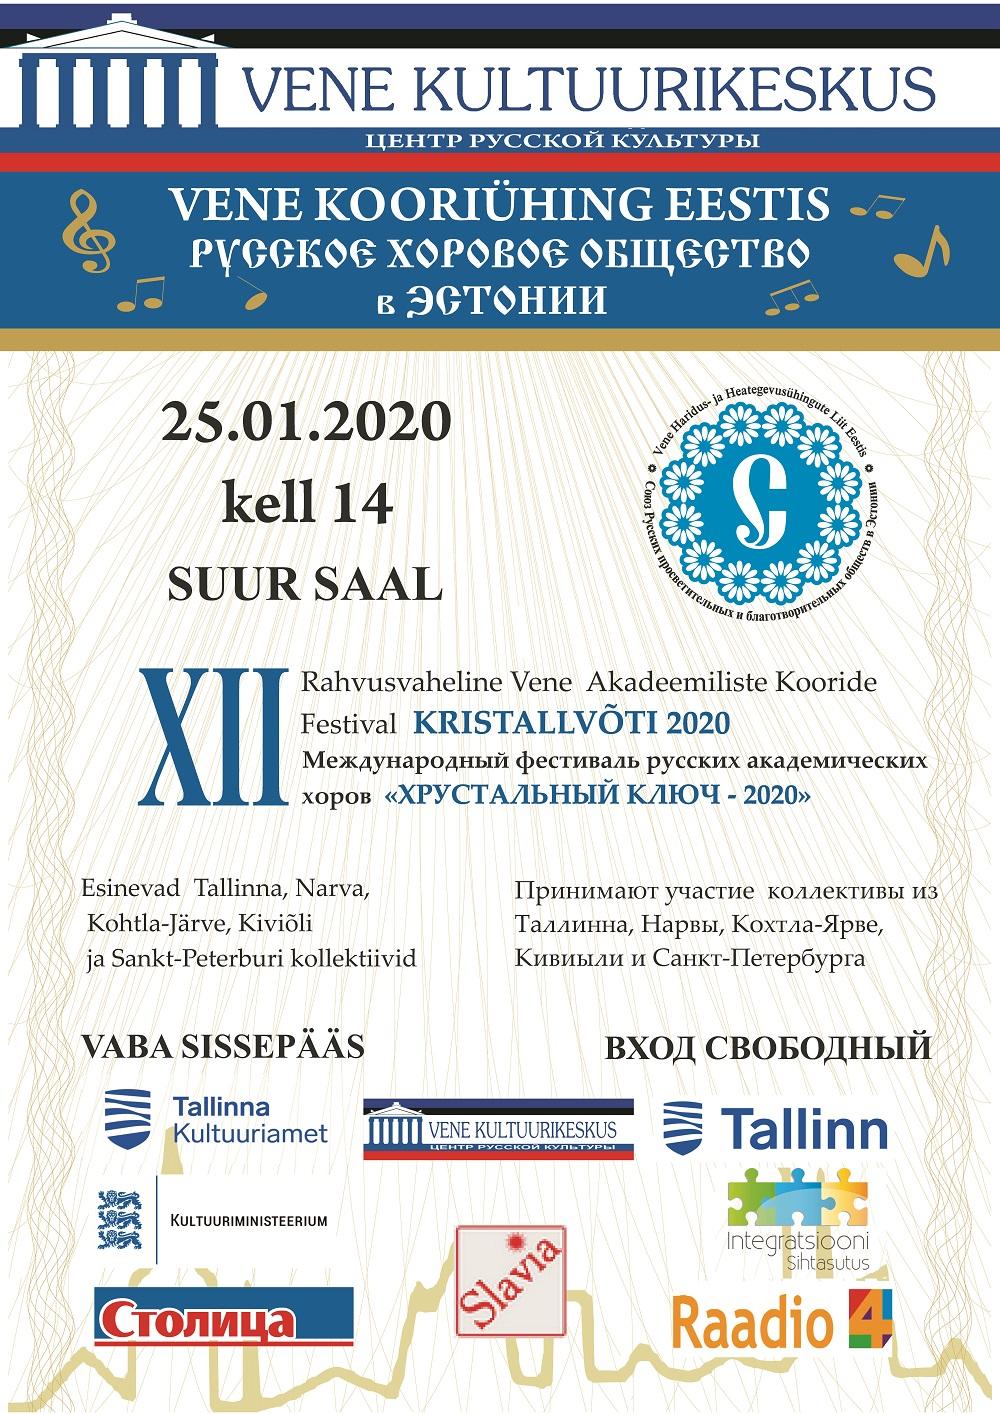 Фестиваль русских академических хоров «Хрустальный ключ — 2020»